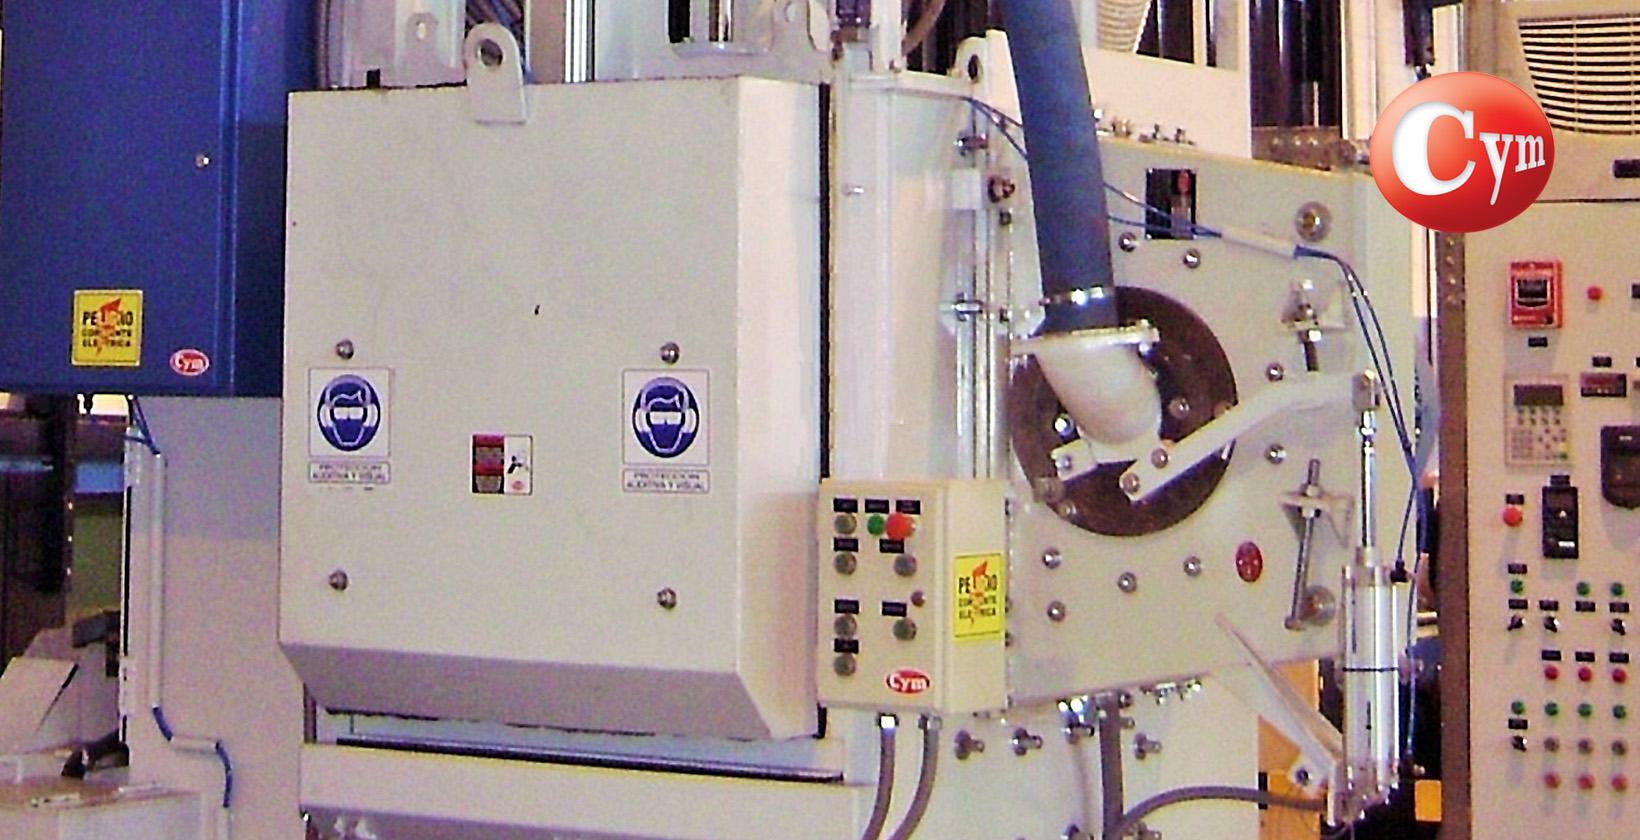 Turbinas-de-granallado-shotpeening-scania-cym-tr360